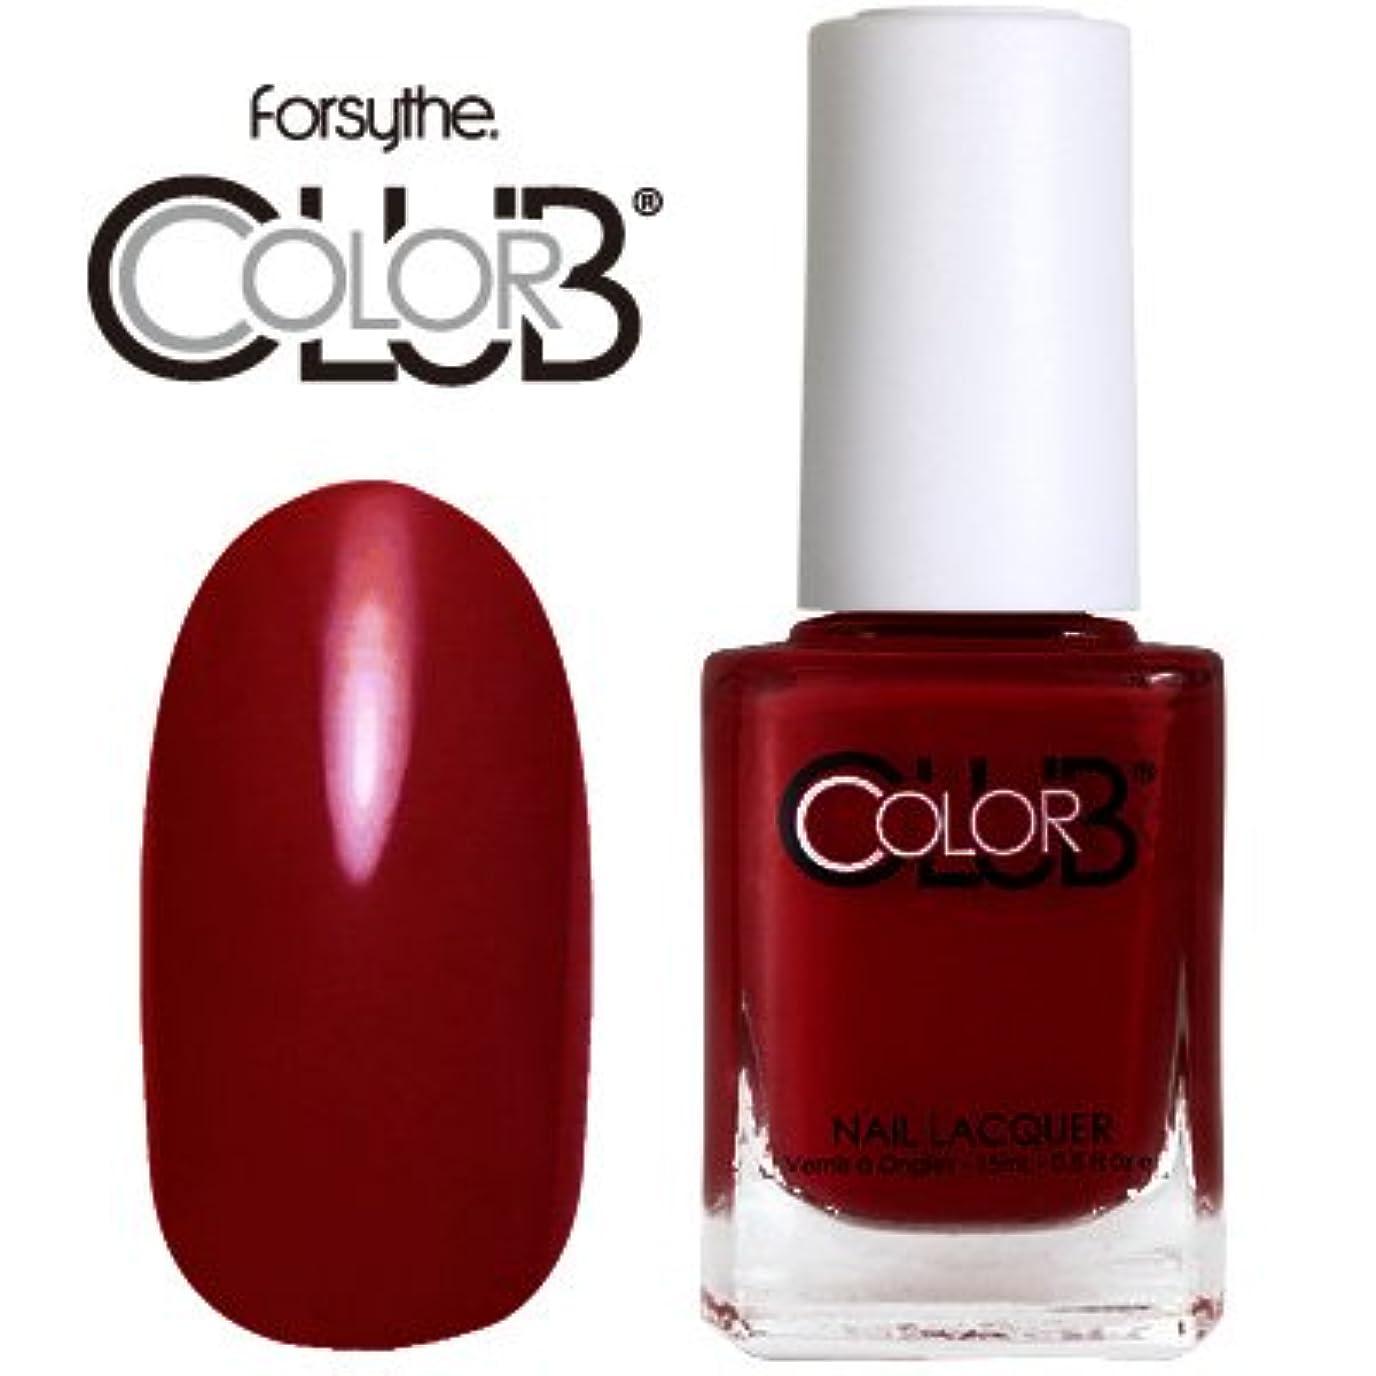 リフトレベルベイビーフォーサイス カラークラブ 920/Red-ical Gypsy 【forsythe COLOR CLUB】【ネイルラッカー】【マニキュア】